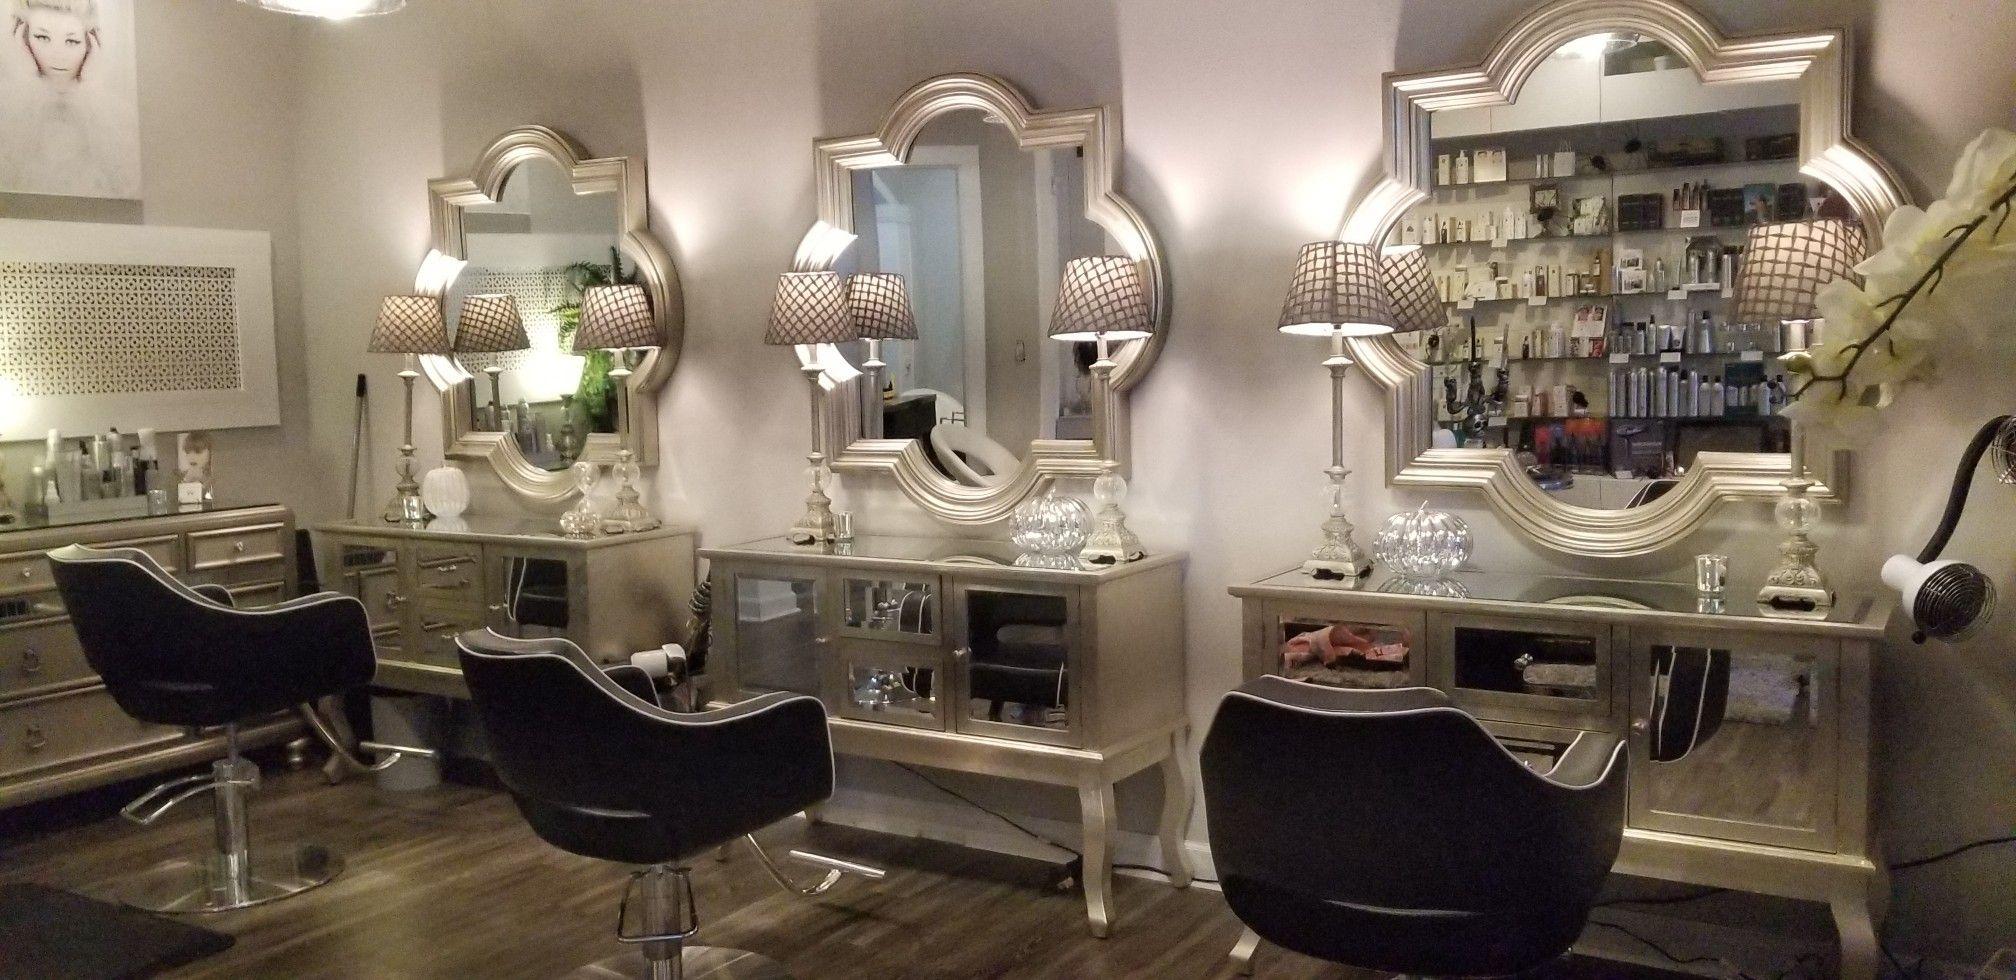 Park Art|My WordPress Blog_Southern Charm Hair Salon Belton Sc